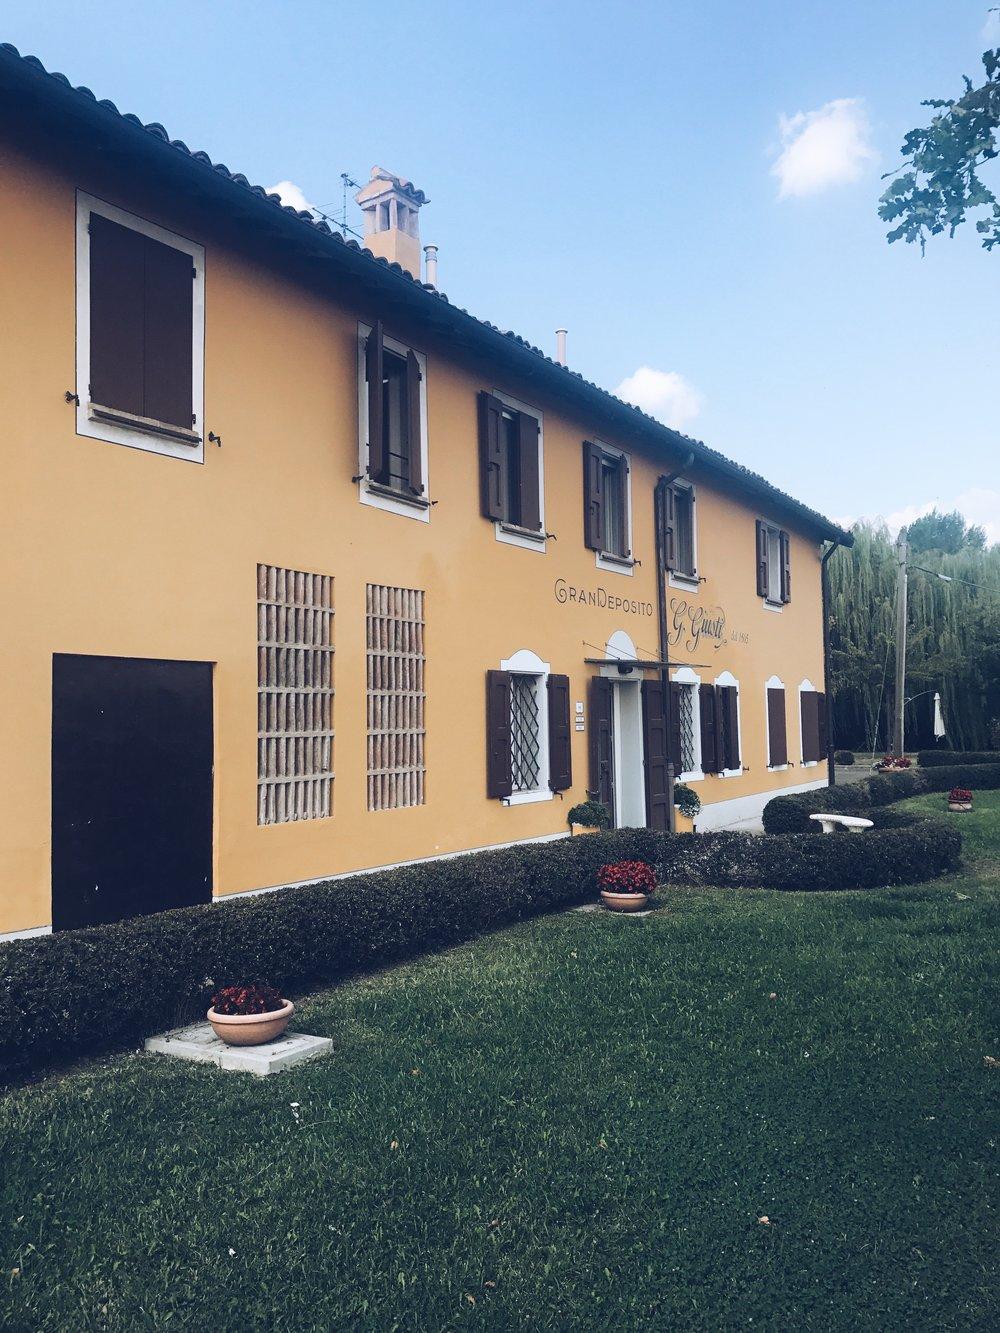 Giuseppe Giusti balsamic factory